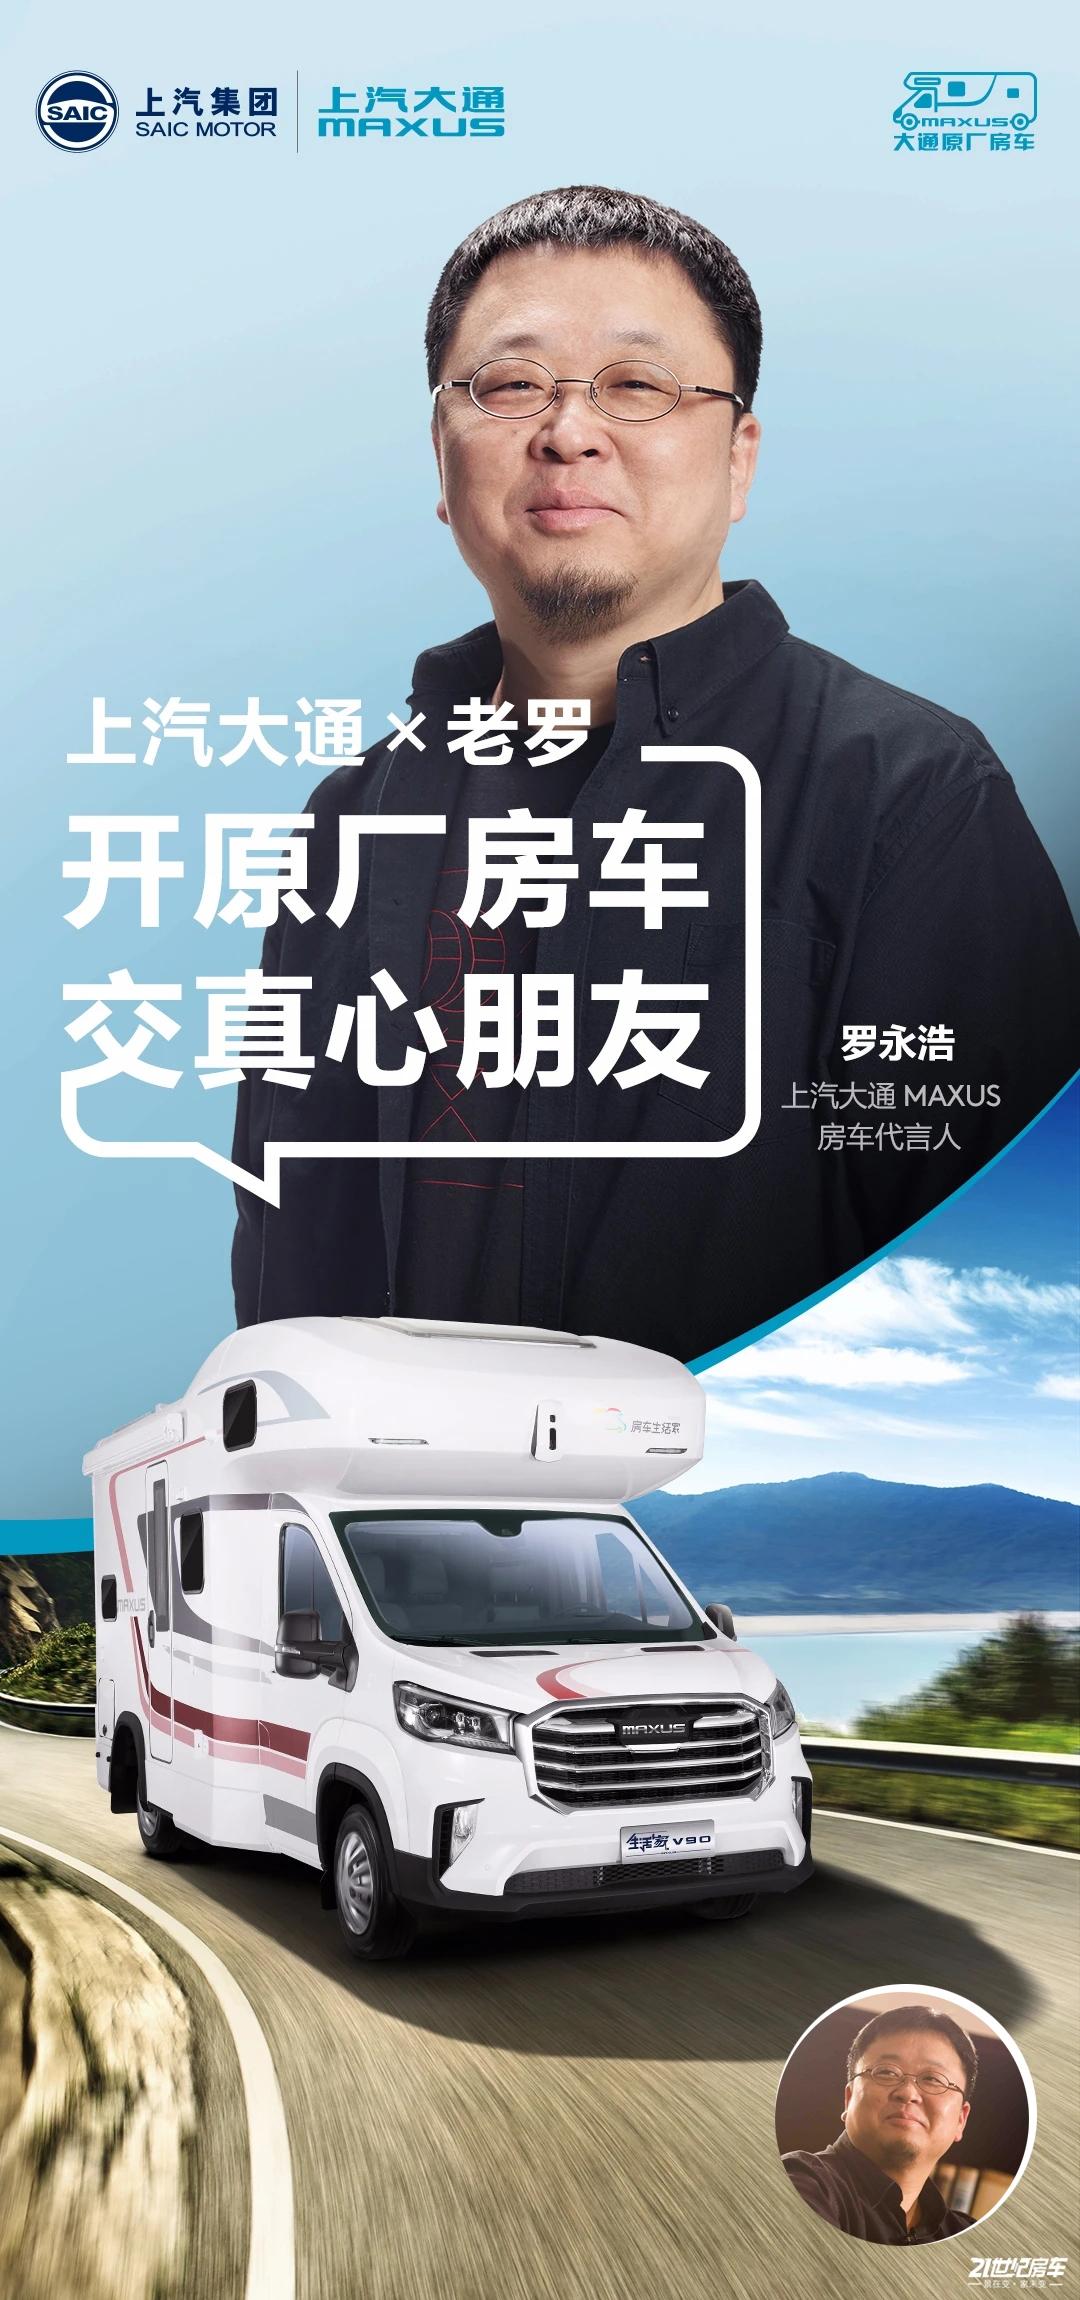 寰?俊鍥剧墖_20210426102138.jpg